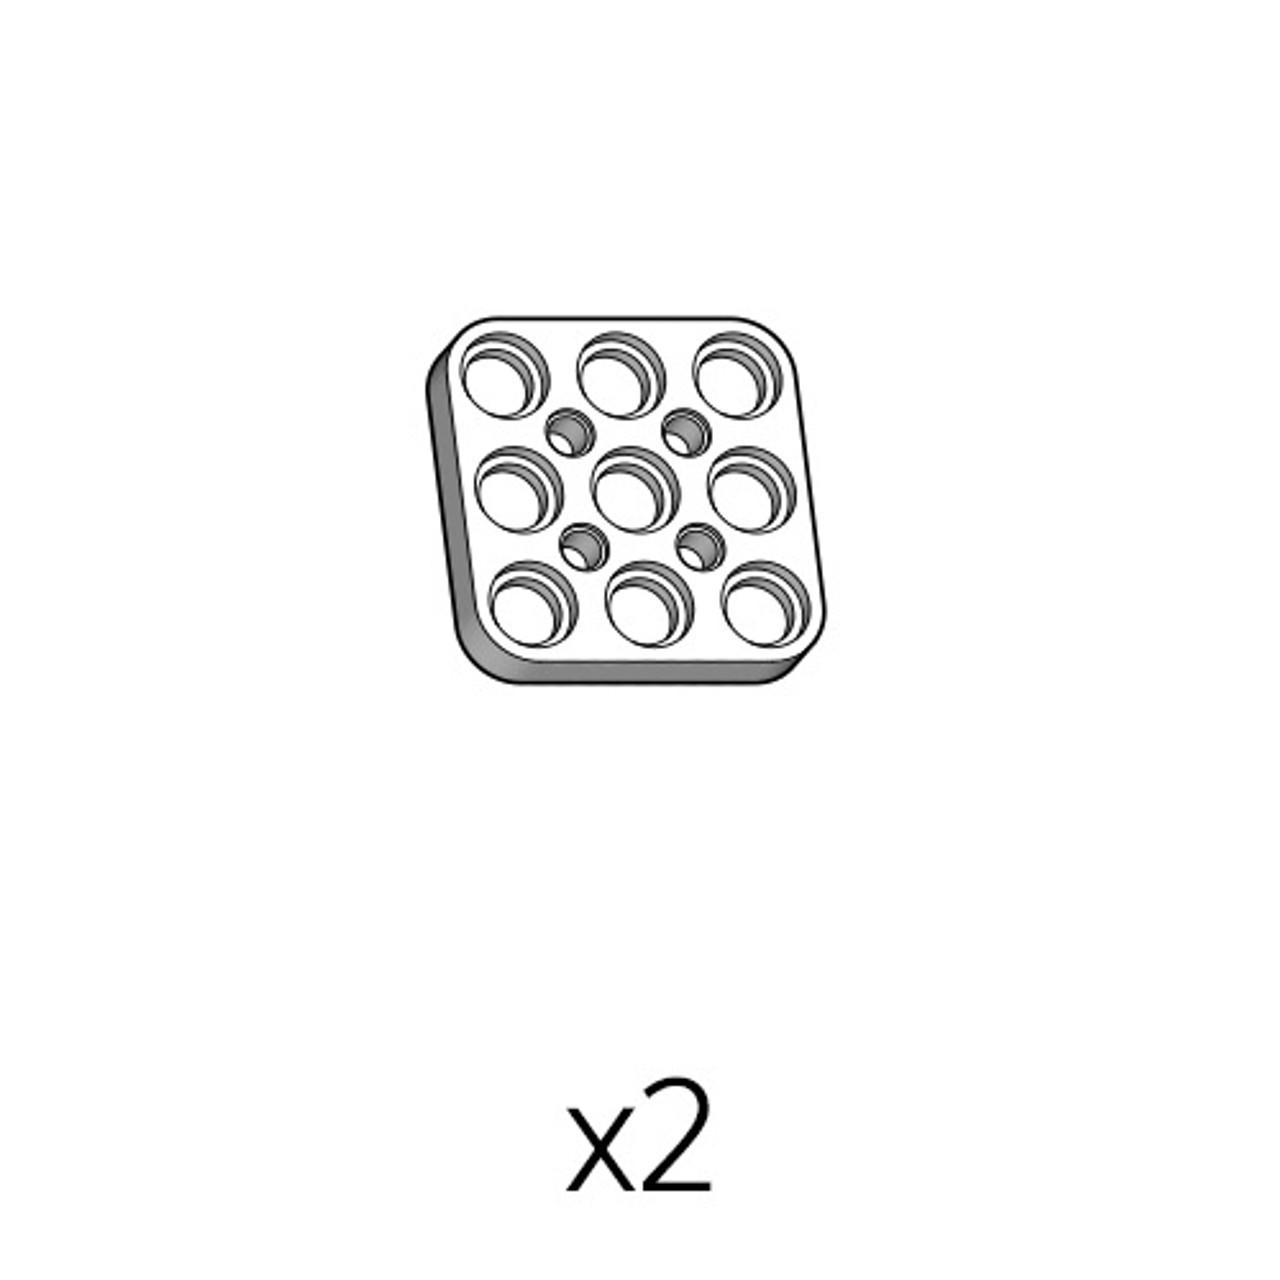 Plate (PD-3b3(w)) 2pcs